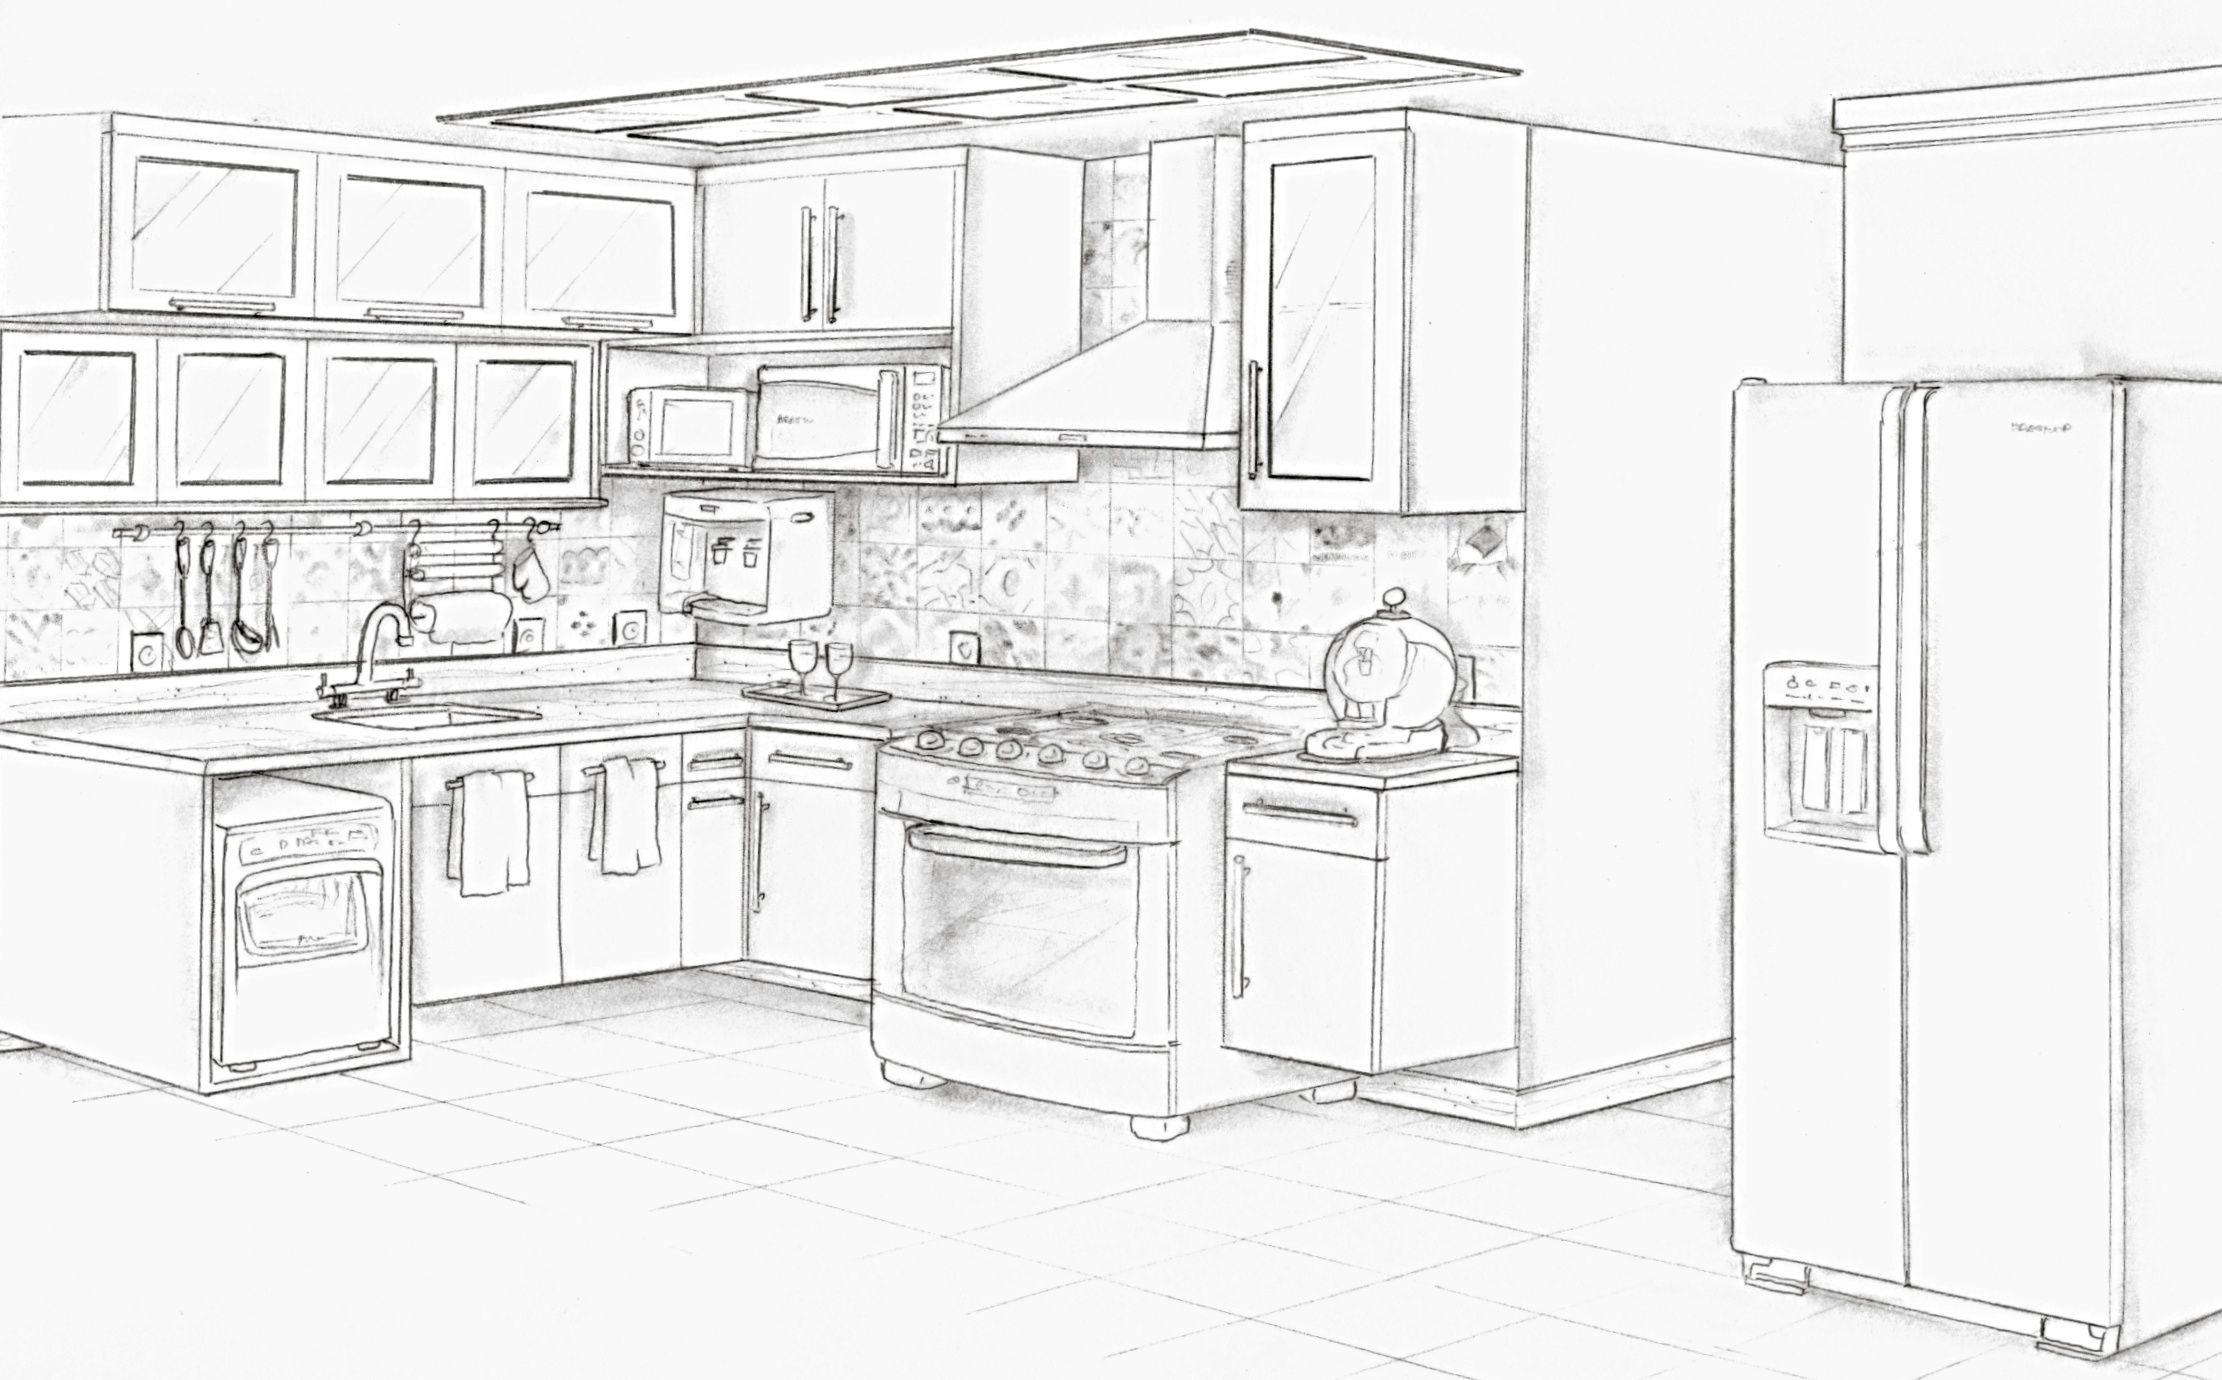 Cozinha Perspectiva Projeto Ana Lucia Nunes Esbocos De Design